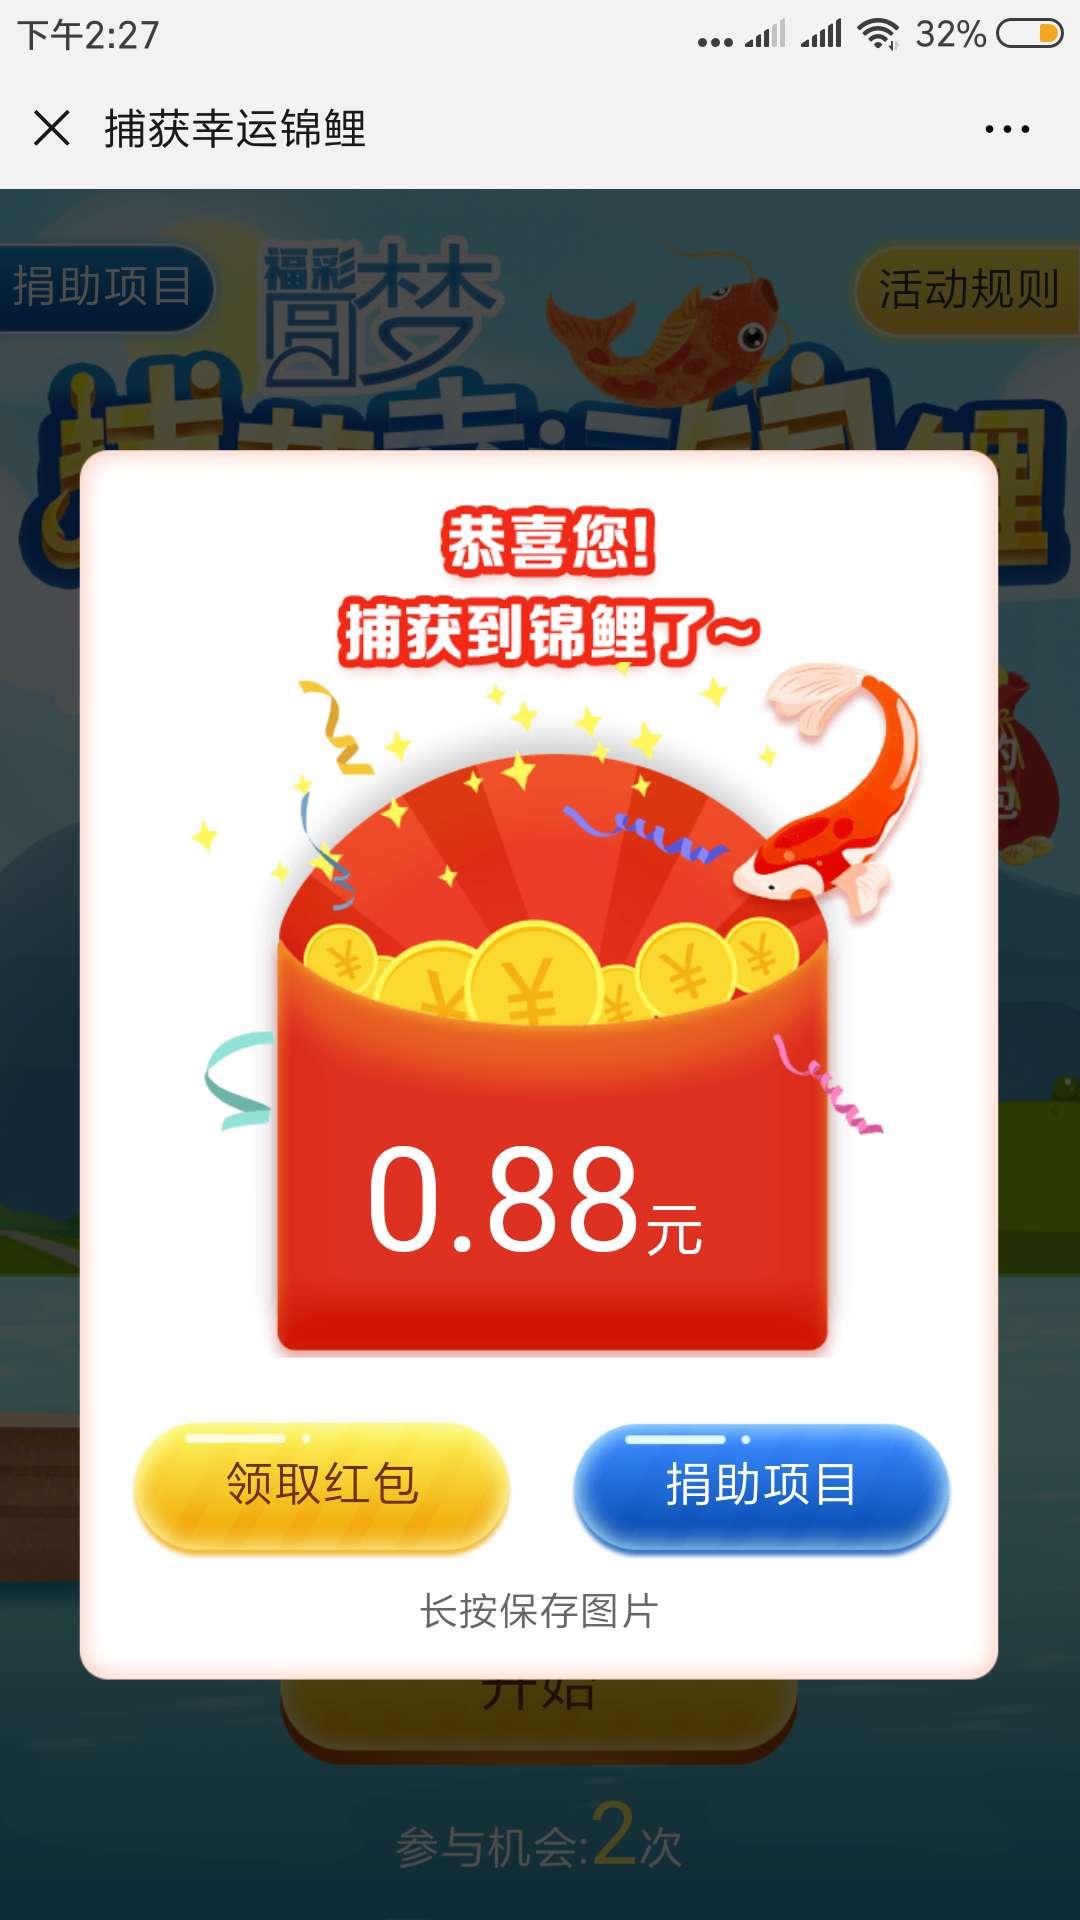 中国福彩幸运锦鲤红包